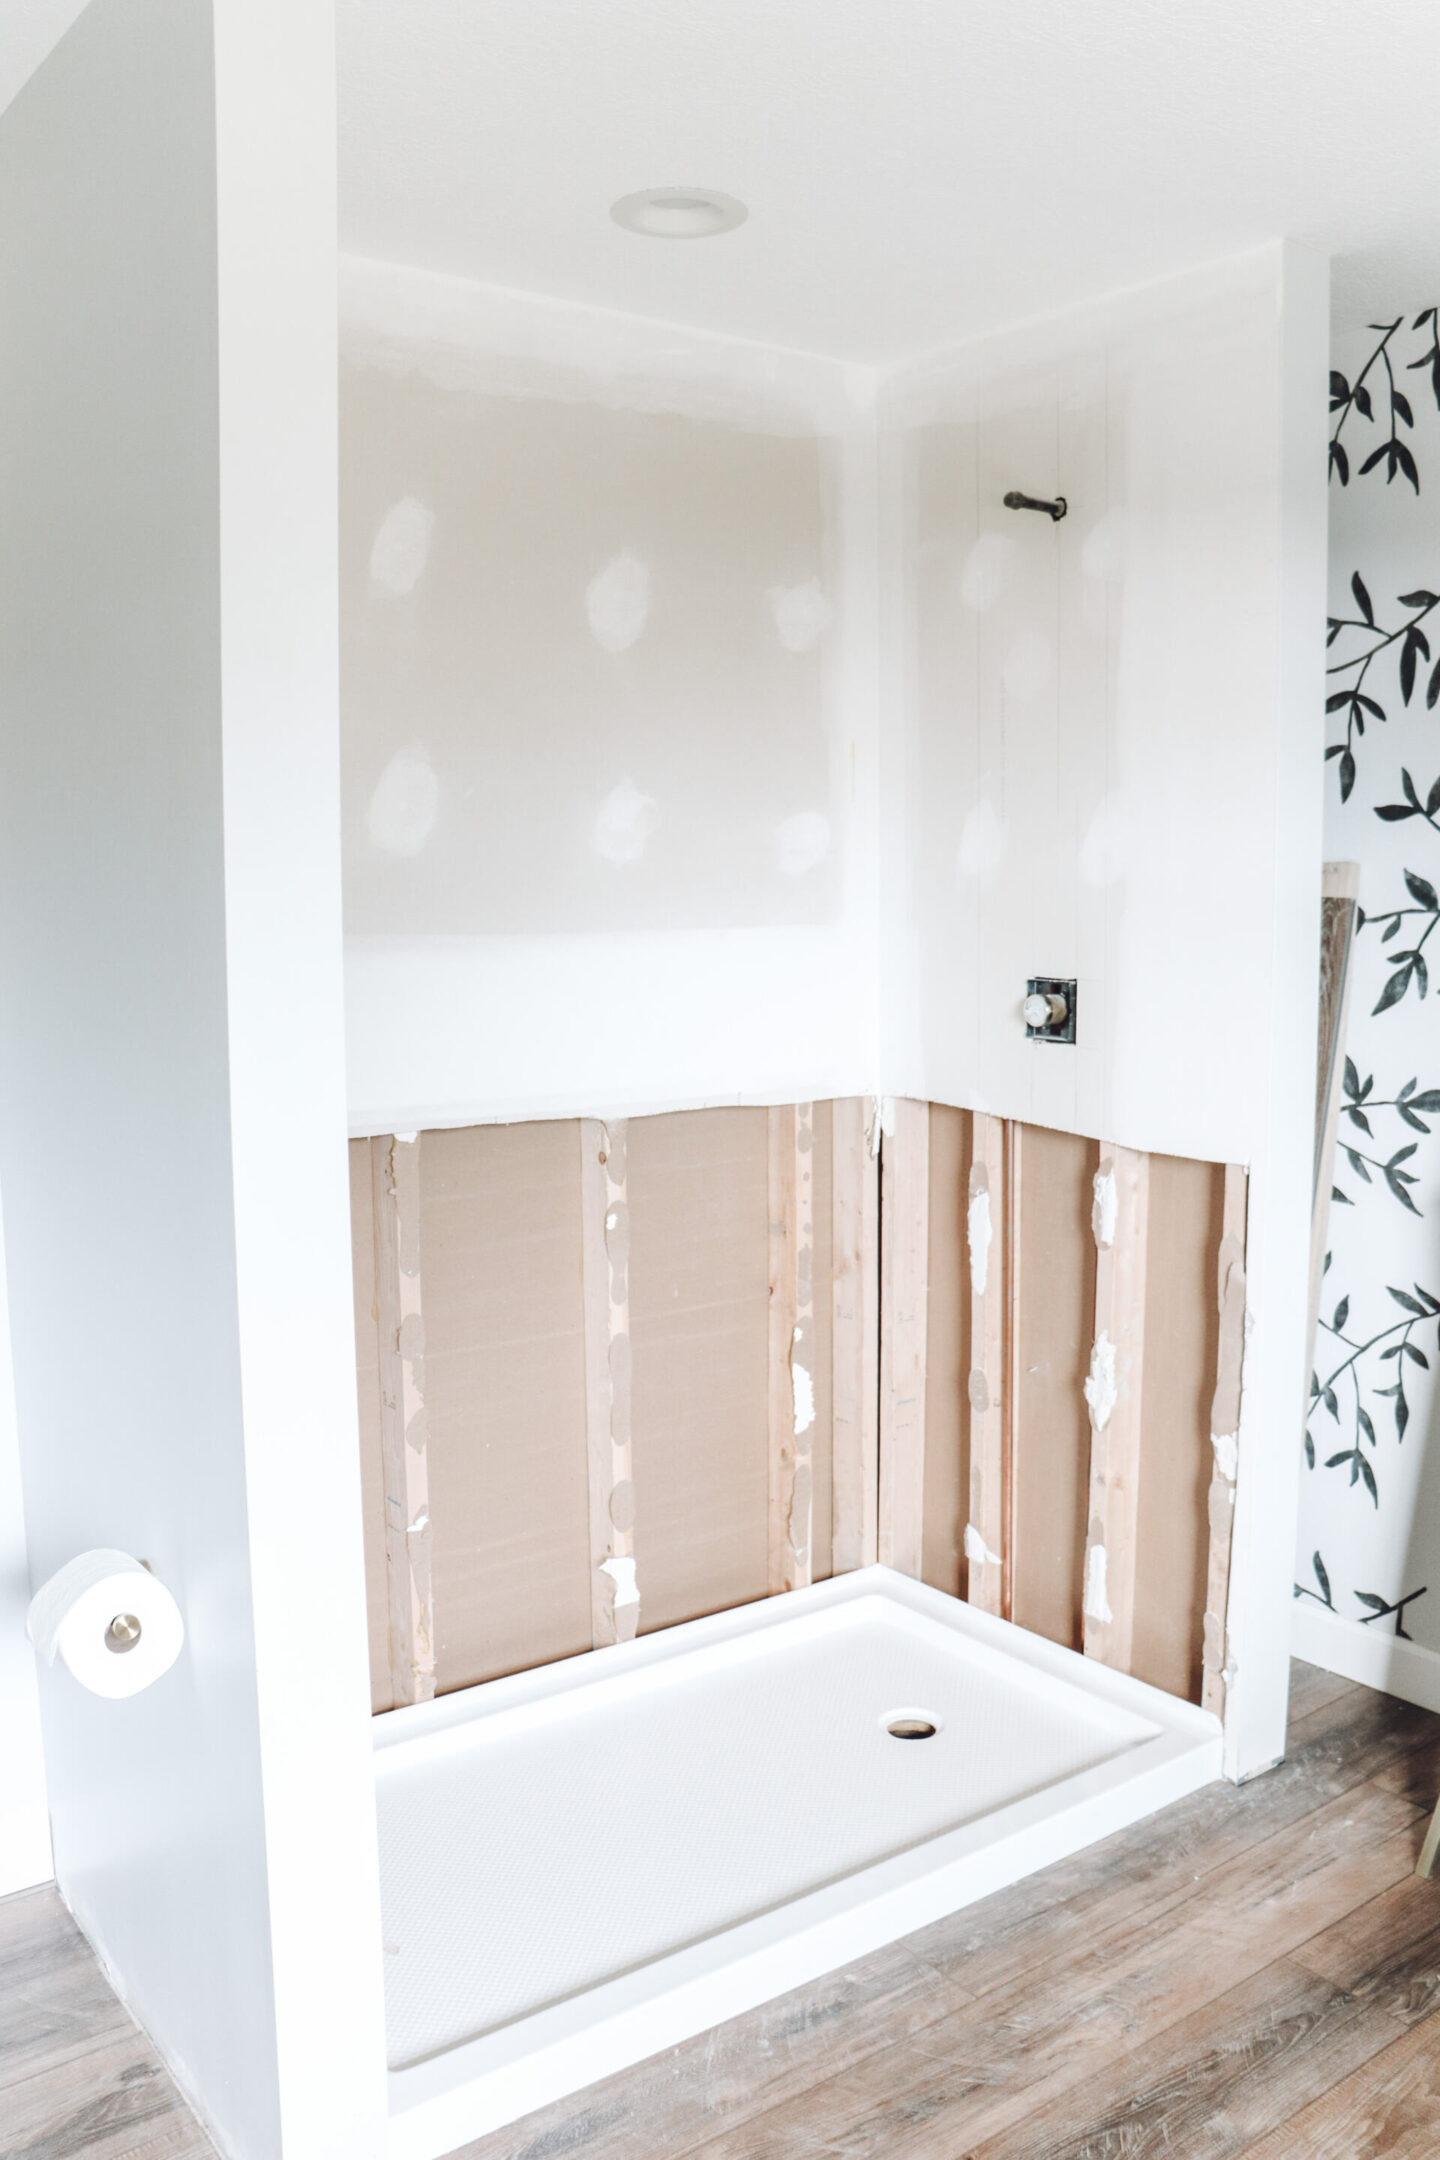 unfinished shower Master Bathroom Remodel